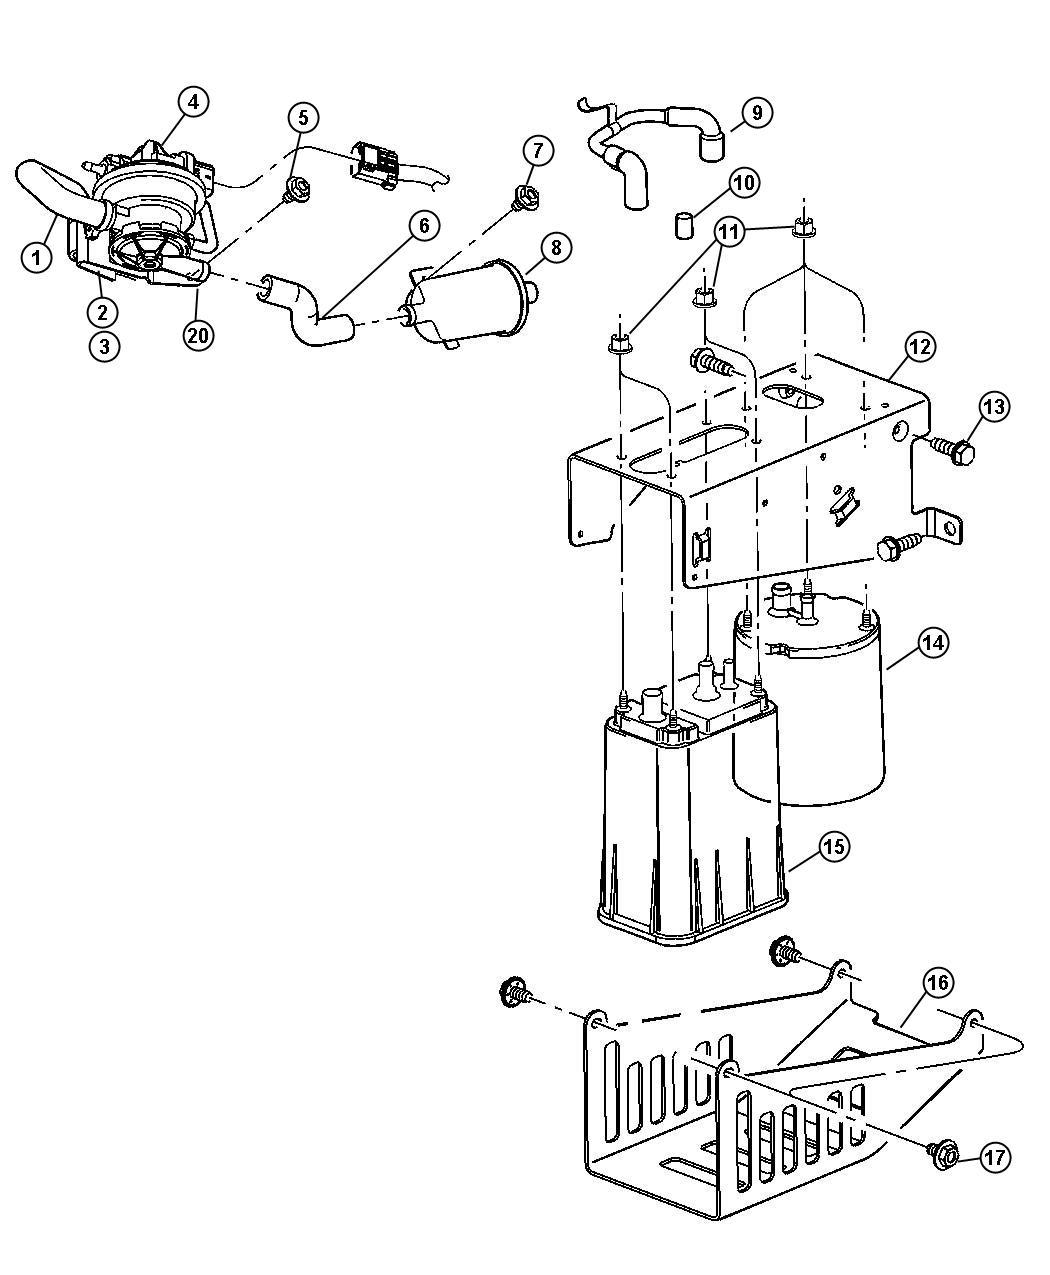 32 Dodge Ram Evap System Diagram